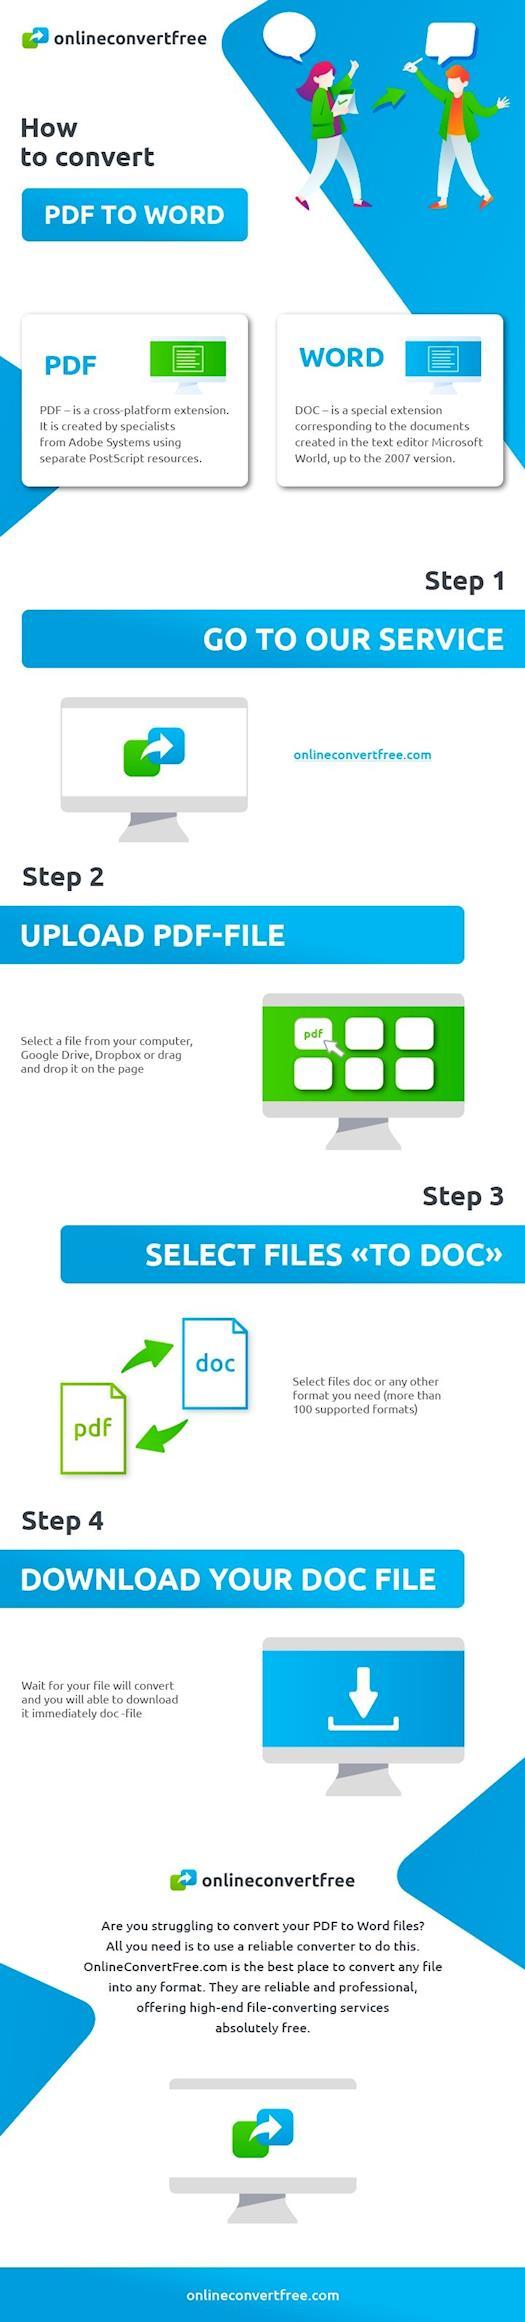 Wie konvertiert man PDF in Word?